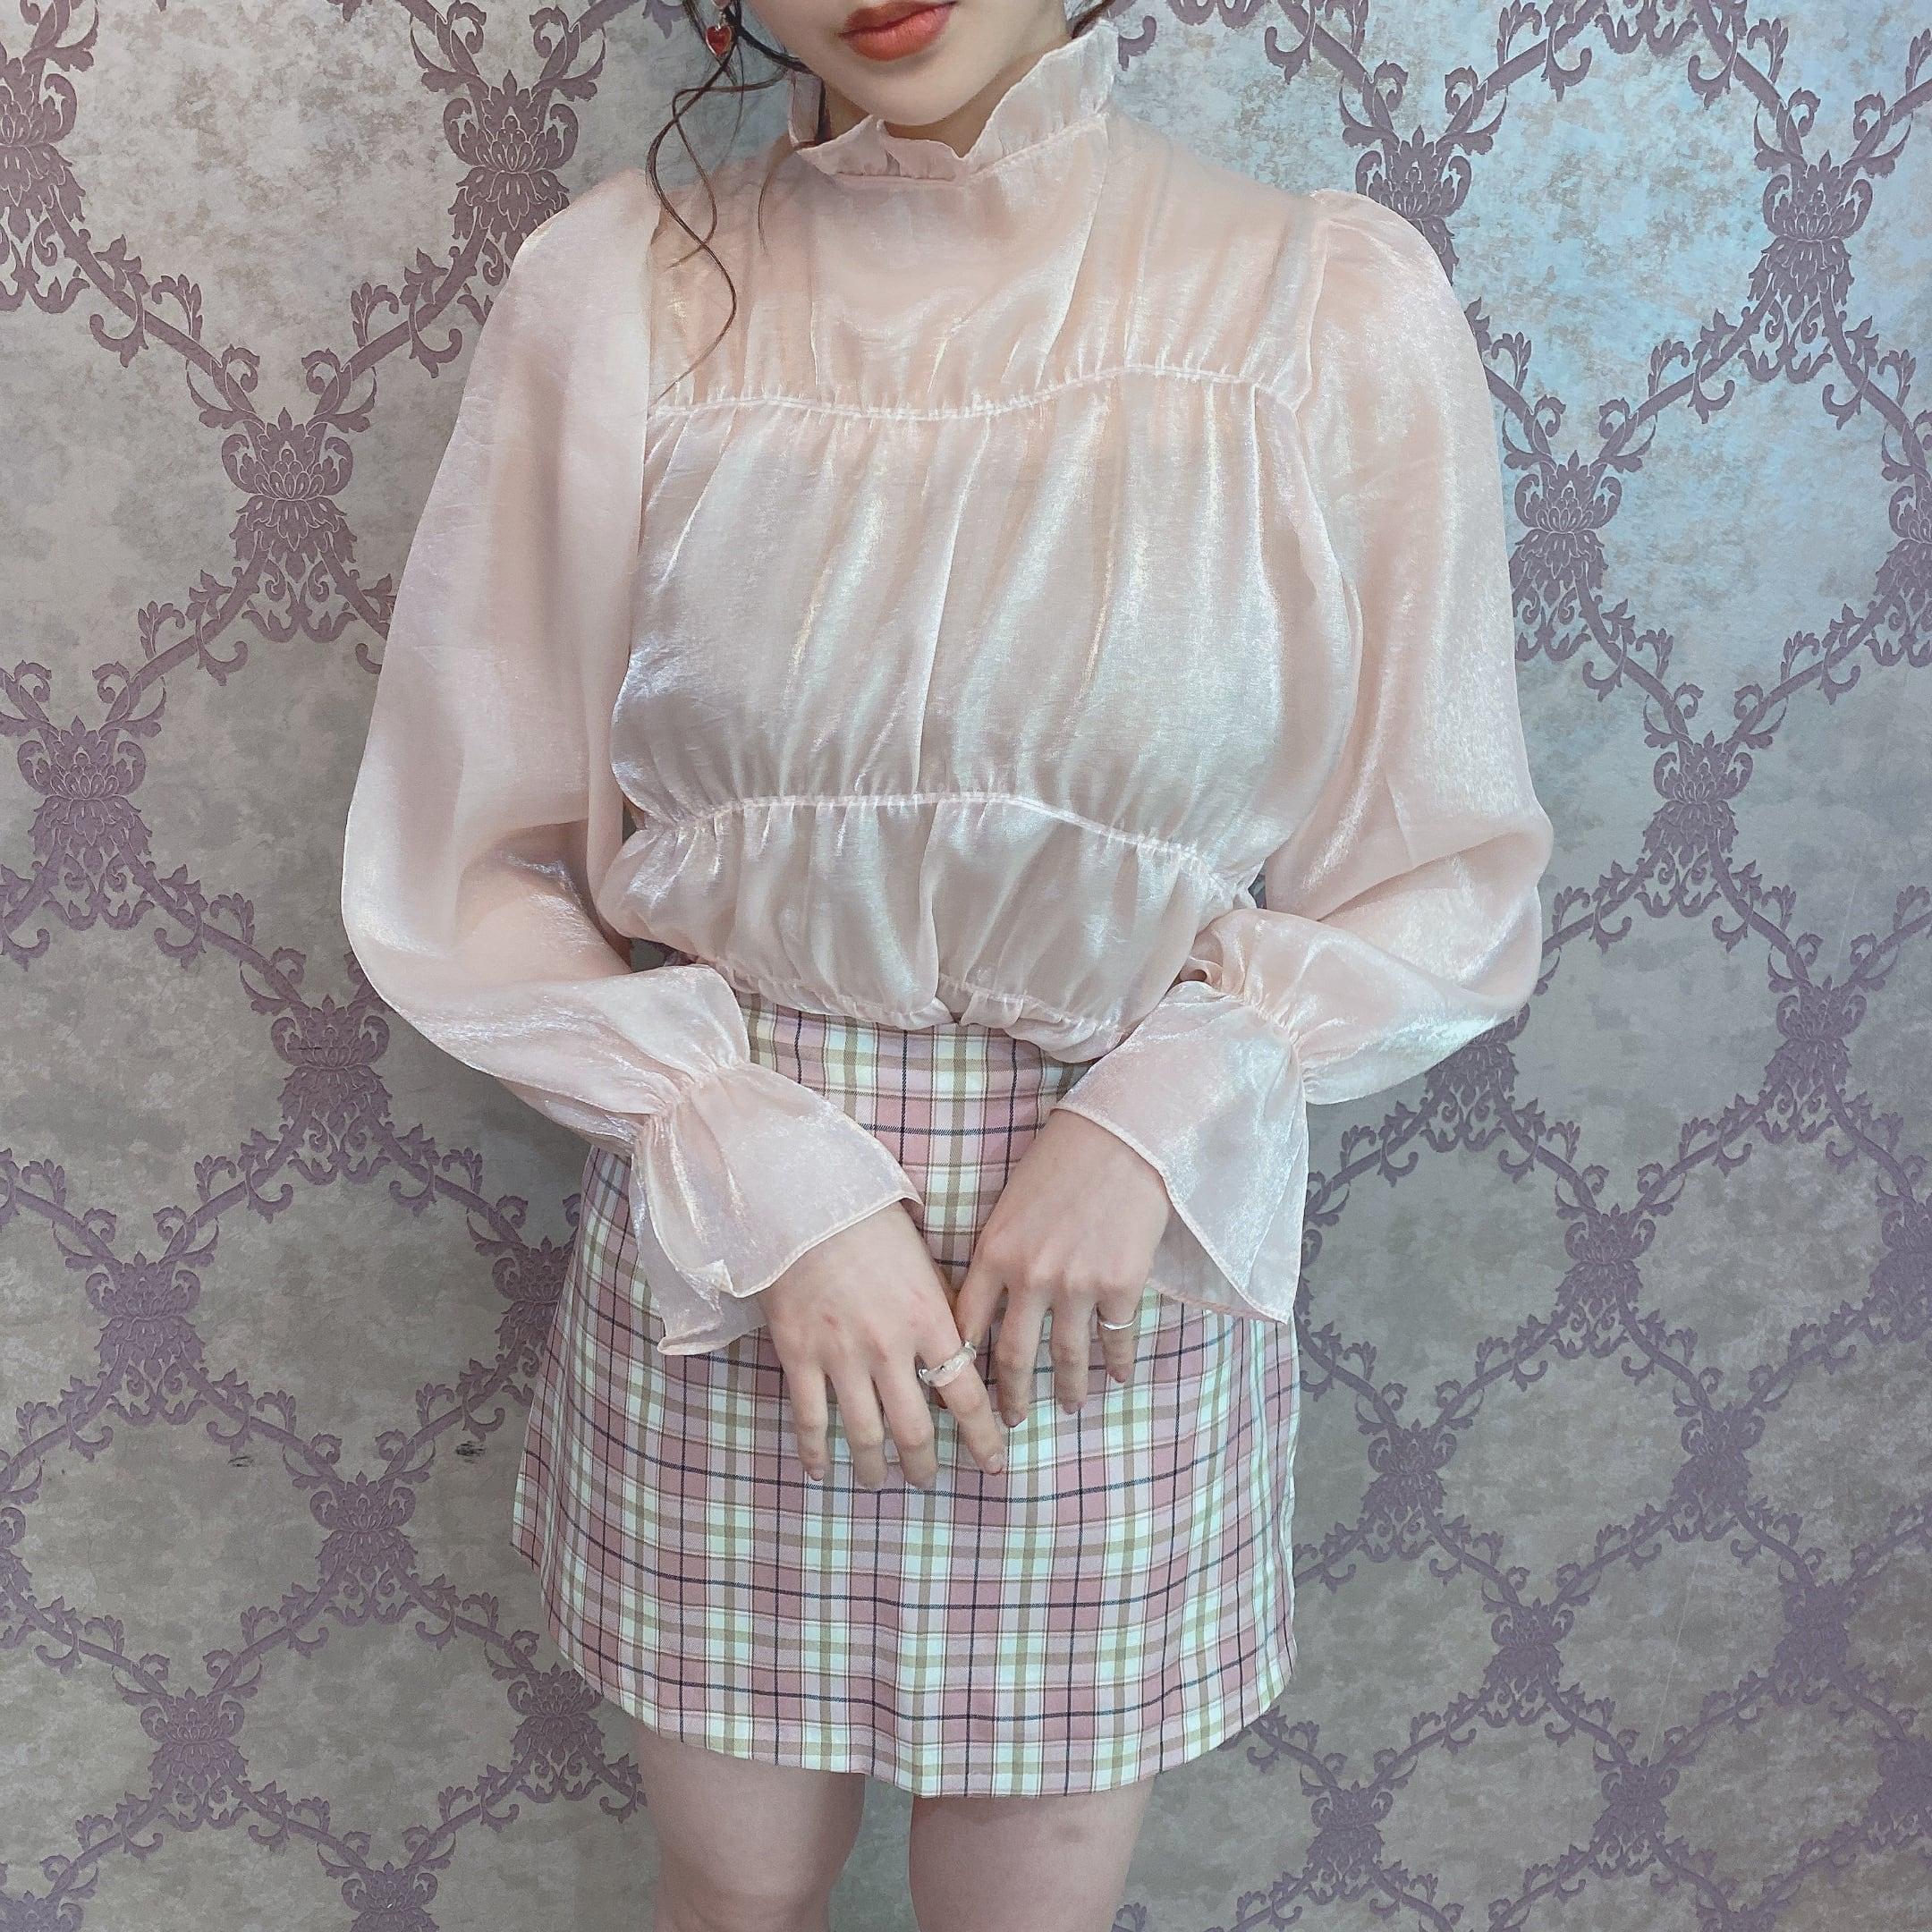 【ViVi掲載】lovely sheer blouse